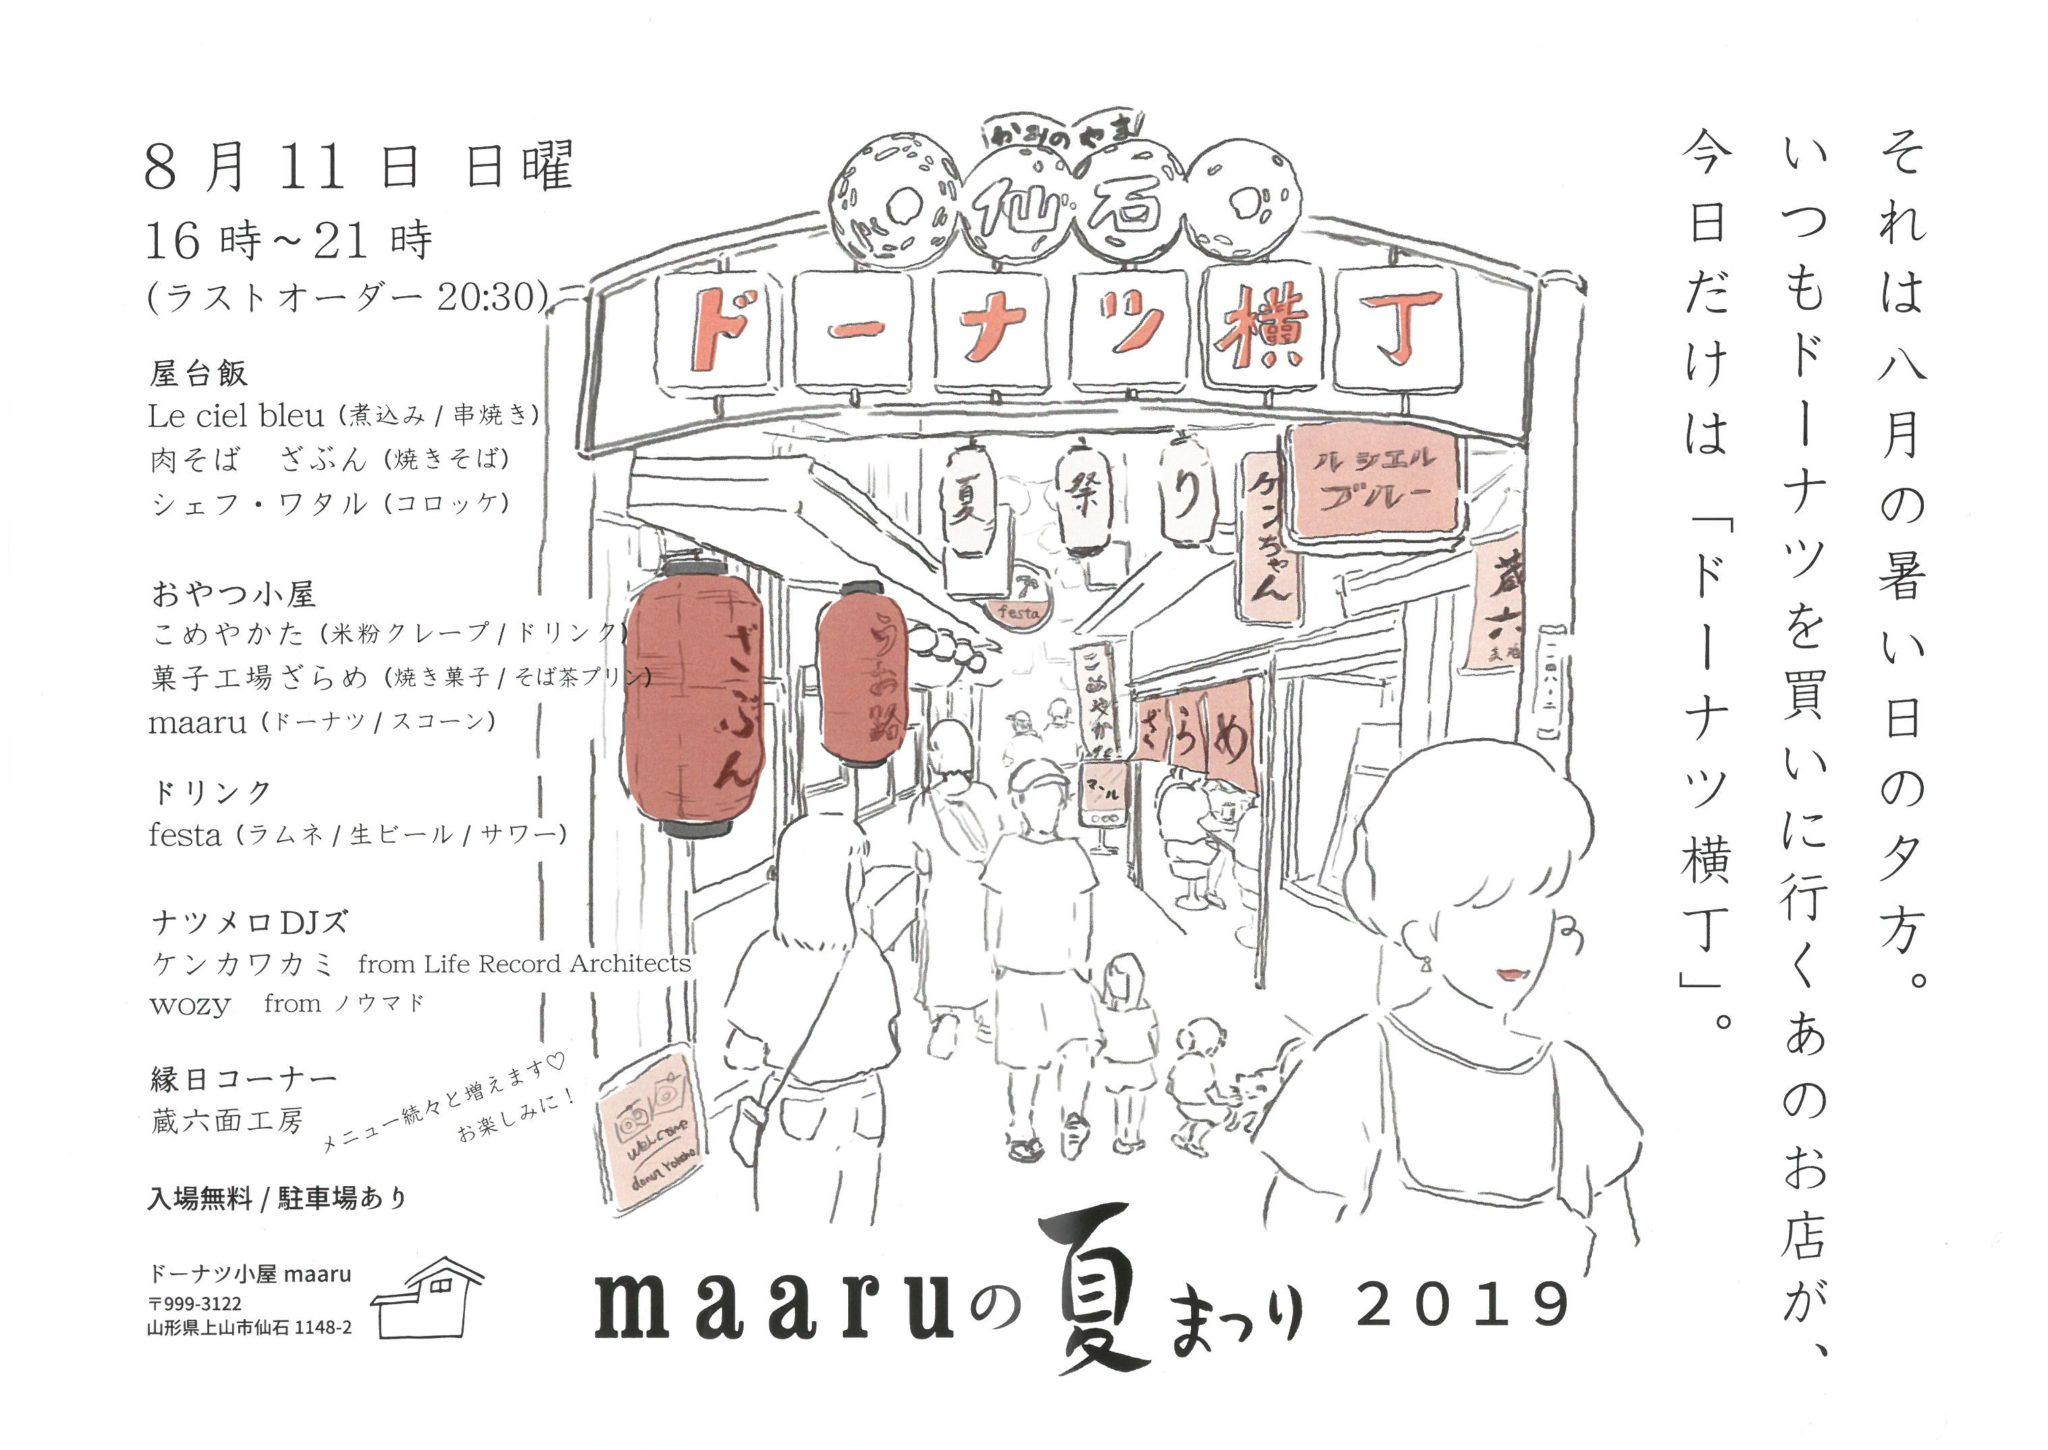 maaruの夏まつり2019